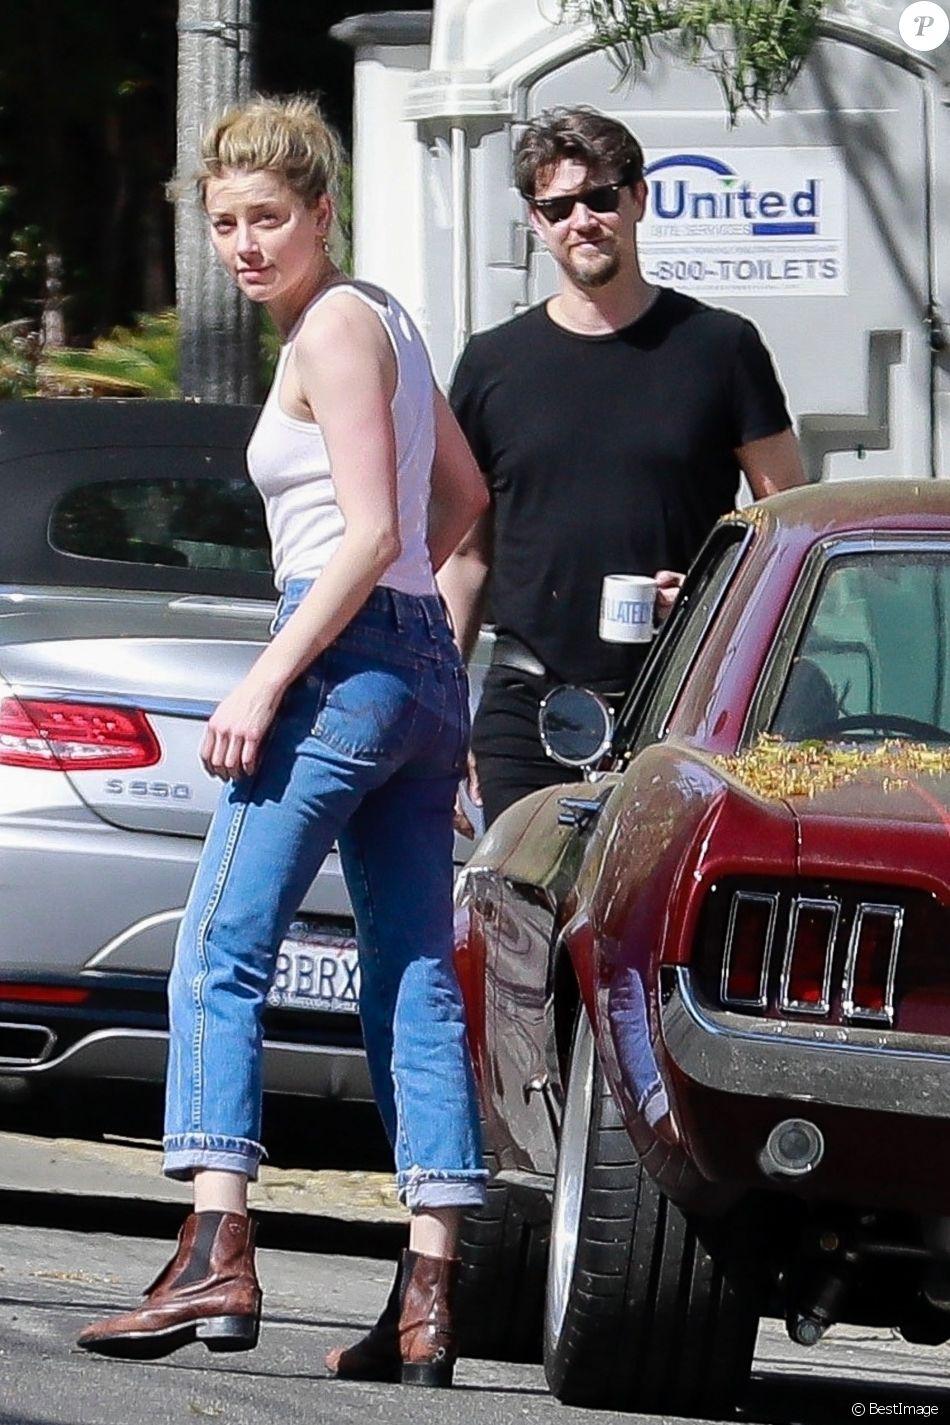 Exclusif - Amber Heard et son compagnon Andy Muschietti sont allés rendre visite à des amis à Los Angeles, le 30 mars 2019.